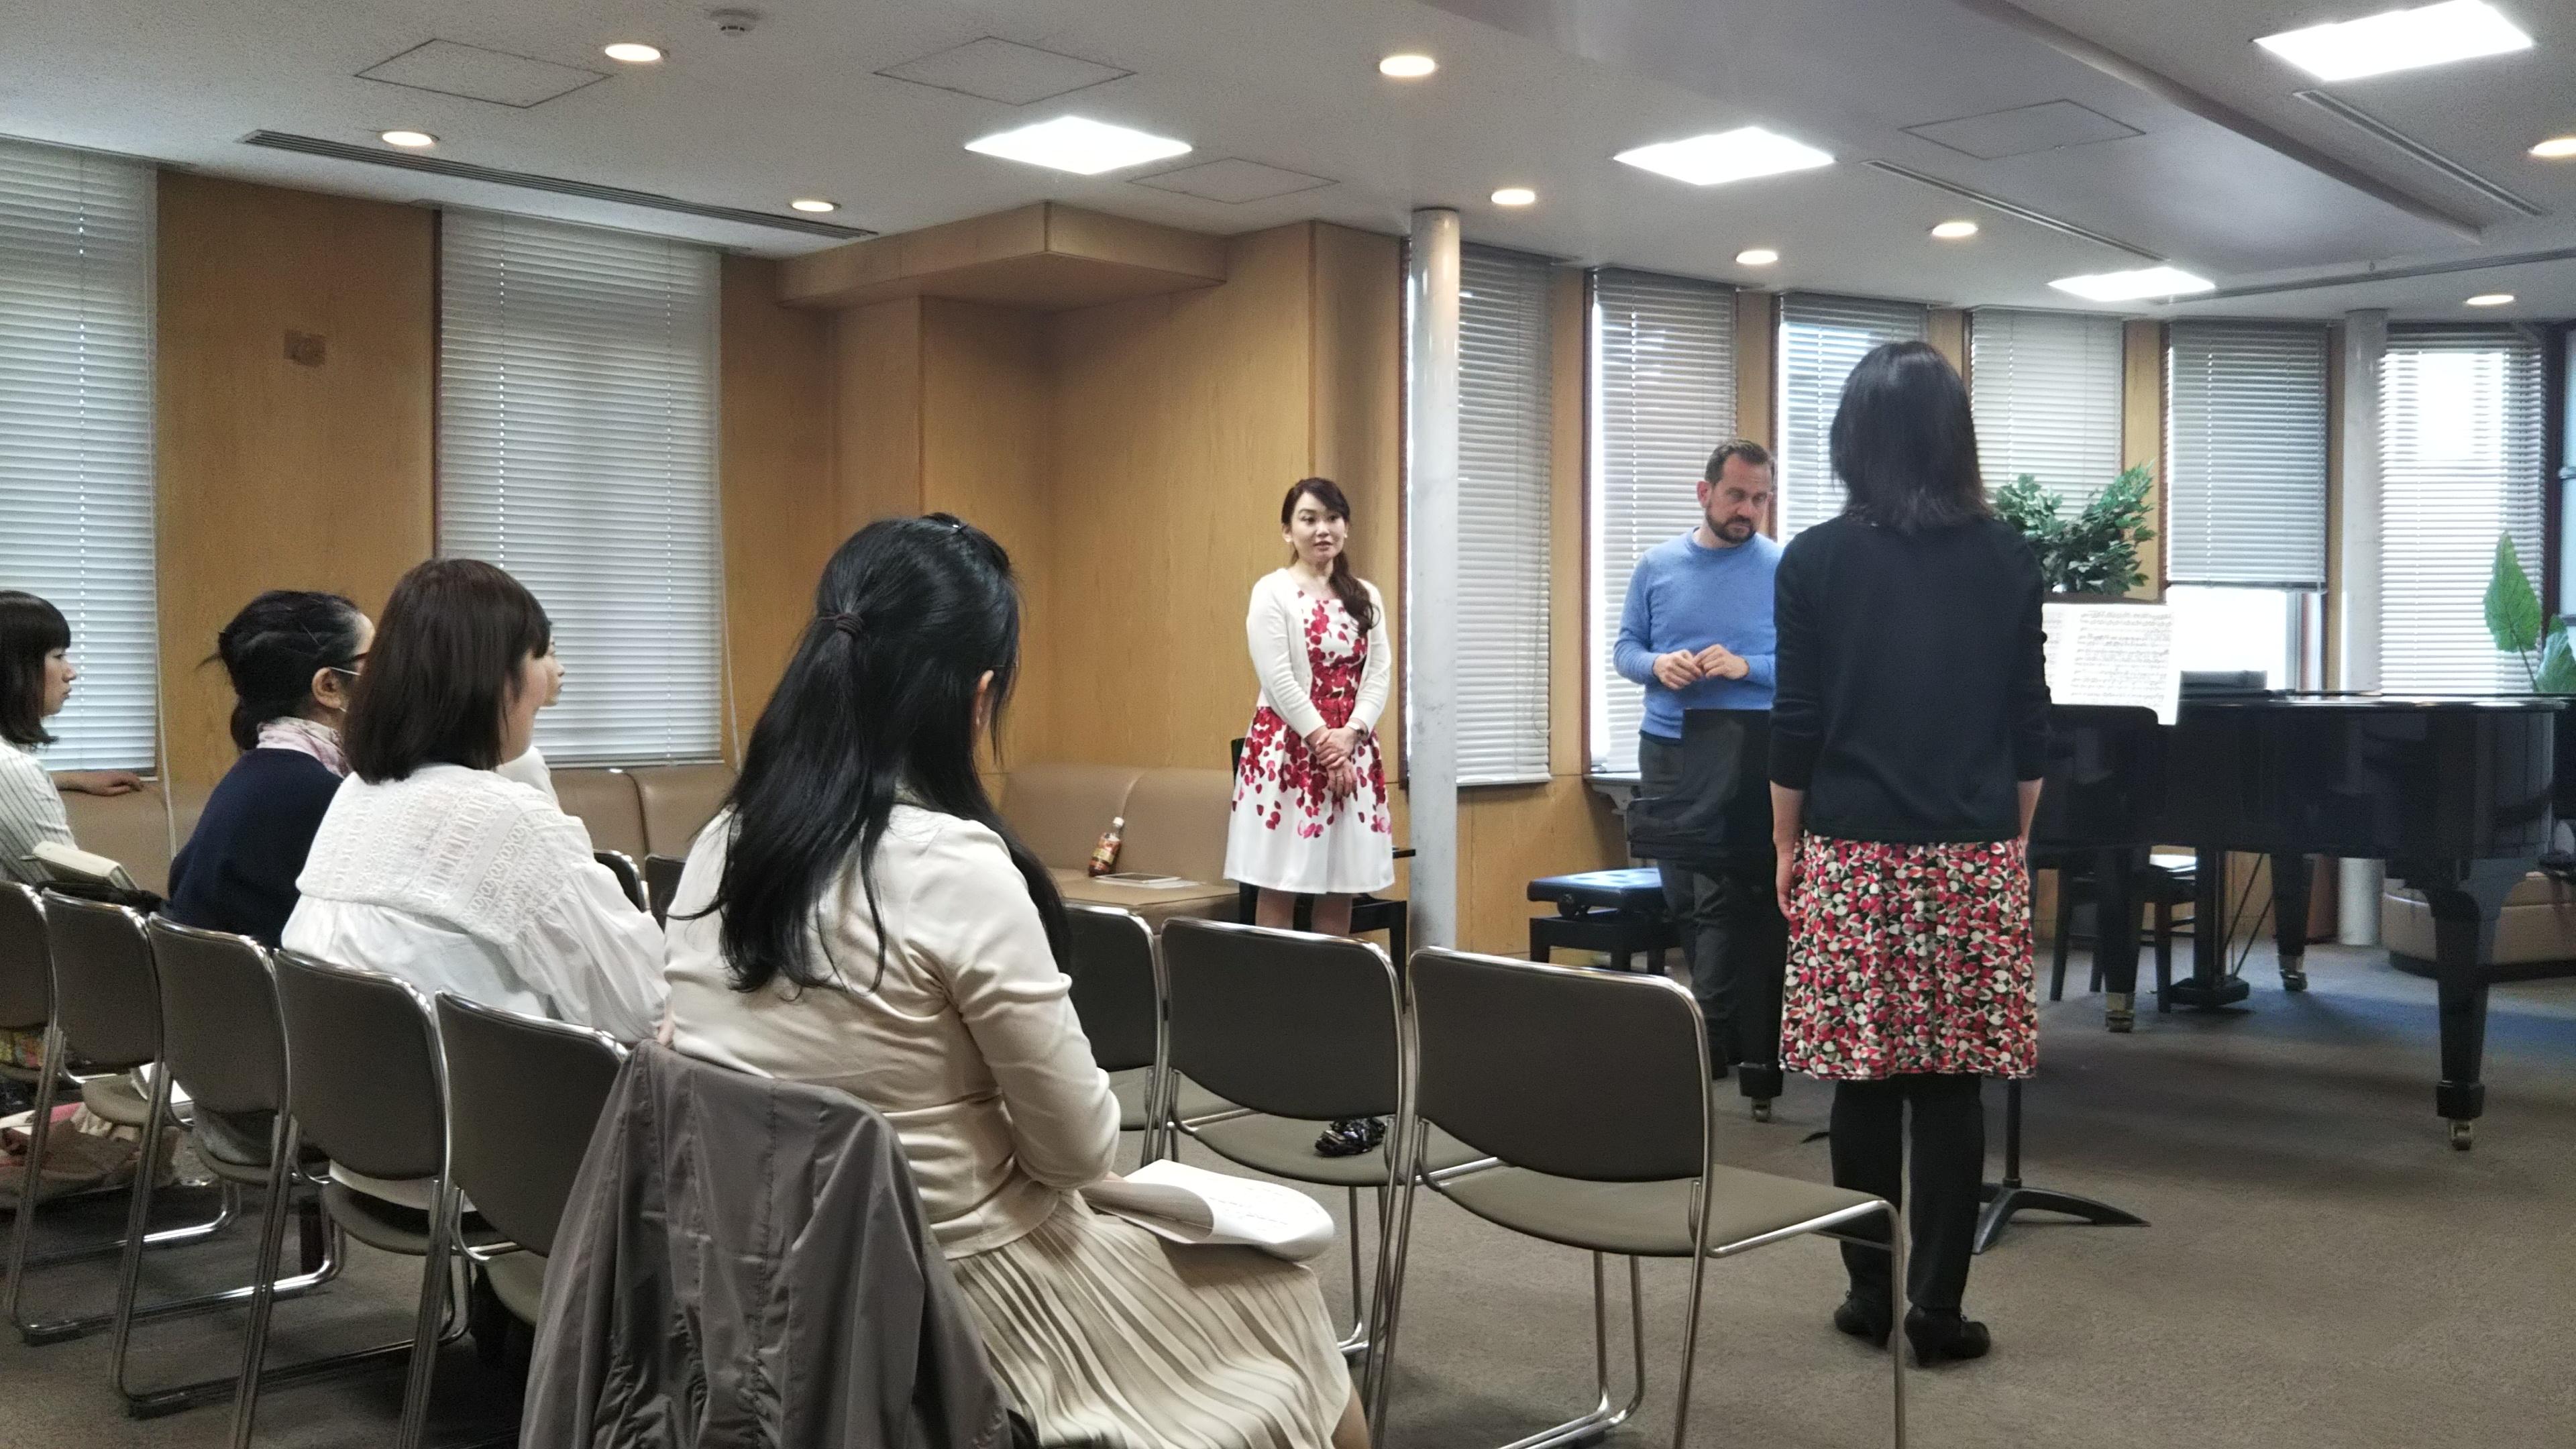 ジュリオ先生から指導を受ける横山さんの後姿と、聴講している参加者数名。